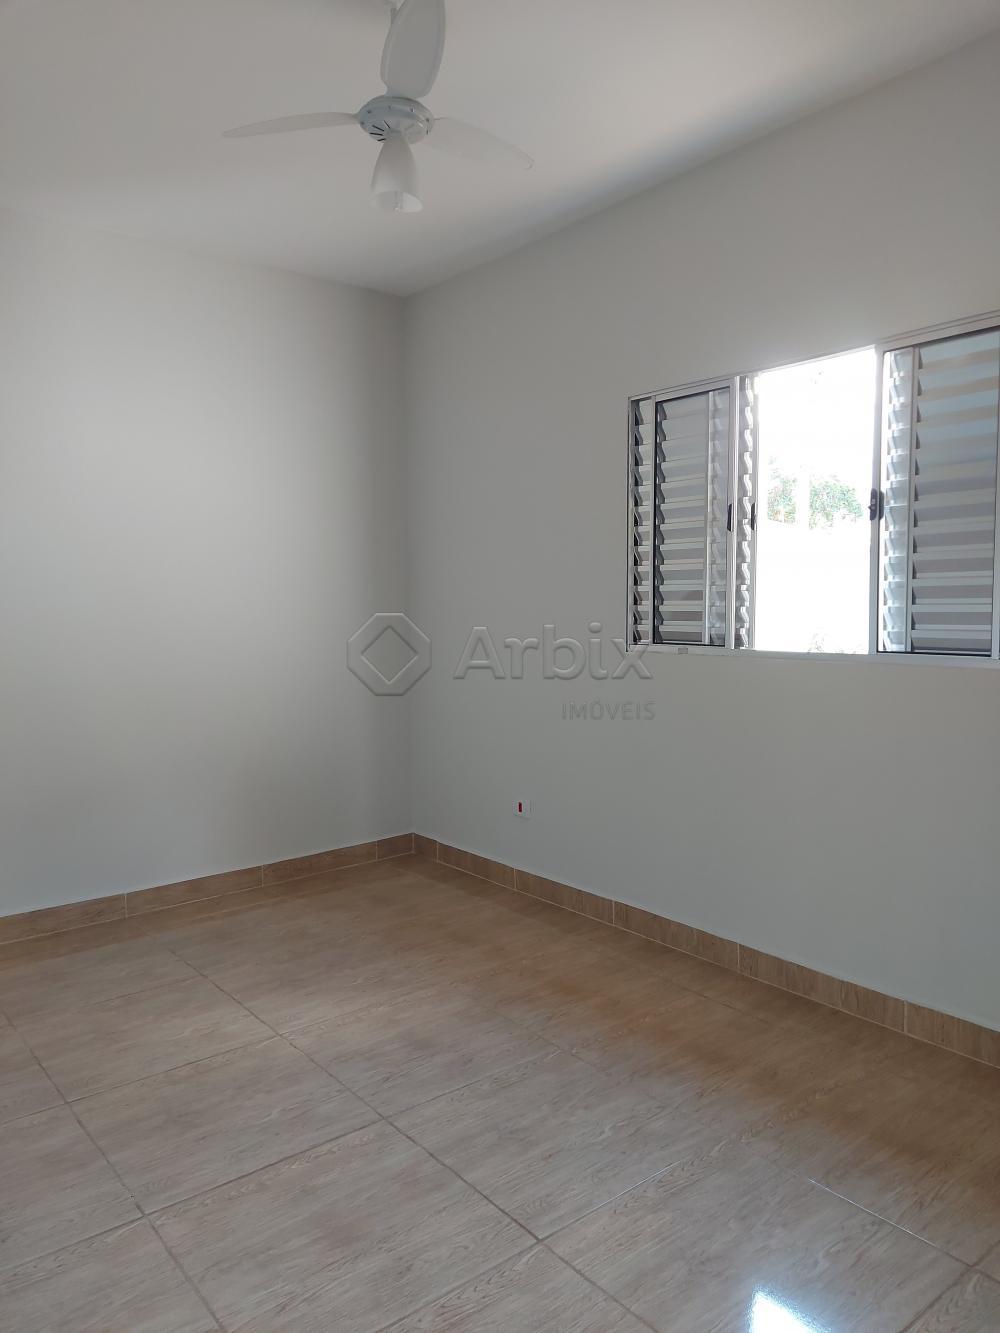 Alugar Casa / Residencial em Americana apenas R$ 2.200,00 - Foto 15